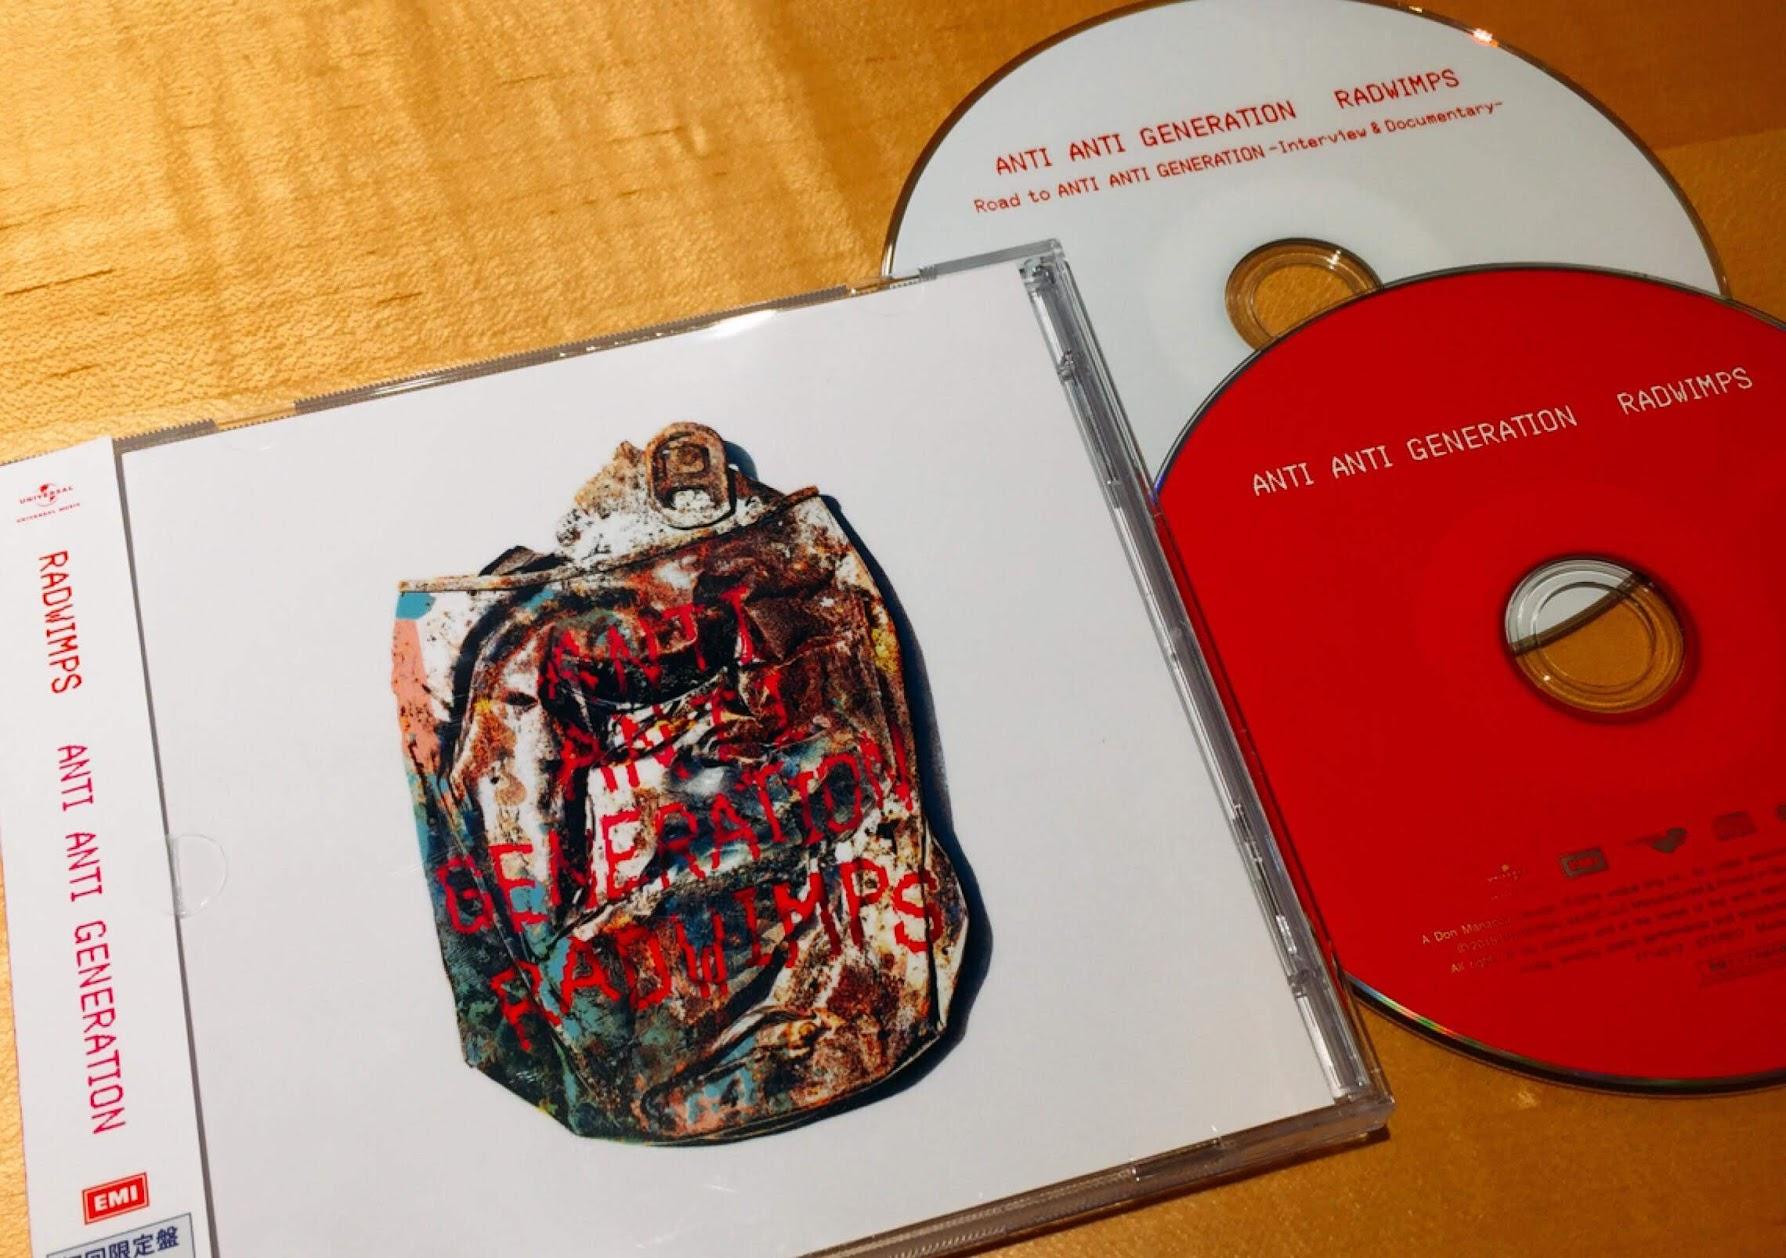 【迷編聽聽】RADWIMPS 新專輯《ANTI ANTI GENERATION》